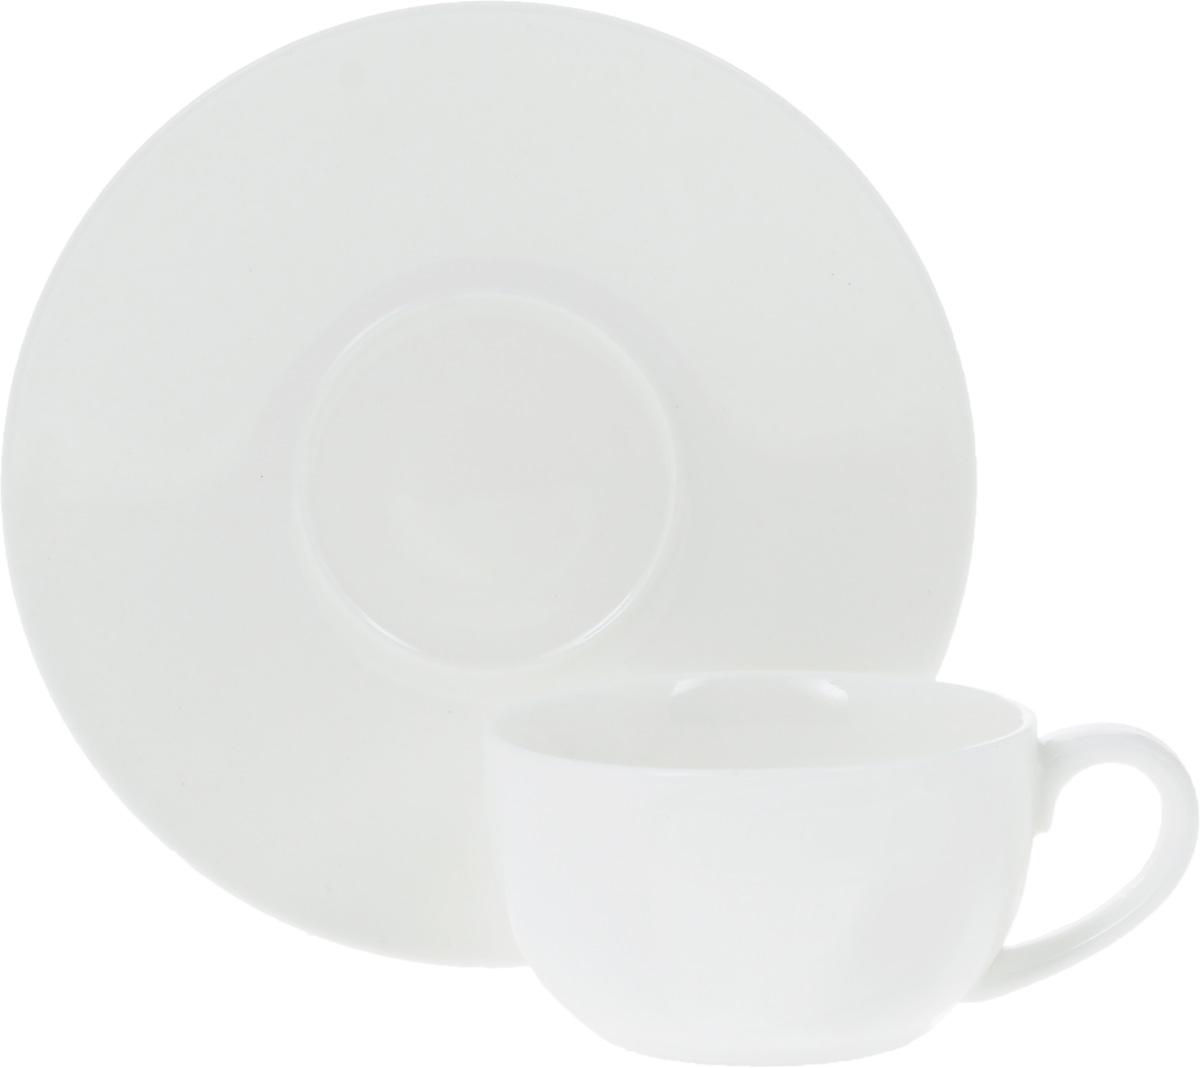 Кофейная пара Wilmax, 2 предмета. WL-993002 / AB115510Кофейная пара Wilmax состоит из чашки и блюдца. Изделия выполнены из высококачественного фарфора, покрытого слоем глазури. Изделия имеют лаконичный дизайн, просты и функциональны в использовании. Кофейная пара Wilmax украсит ваш кухонный стол, а также станет замечательным подарком к любому празднику.Изделия можно мыть в посудомоечной машине и ставить в микроволновую печь. Объем чашки: 100 мл.Диаметр чашки (по верхнему краю): 7 см.Высота чашки: 4 см.Диаметр блюдца: 13,5 см.